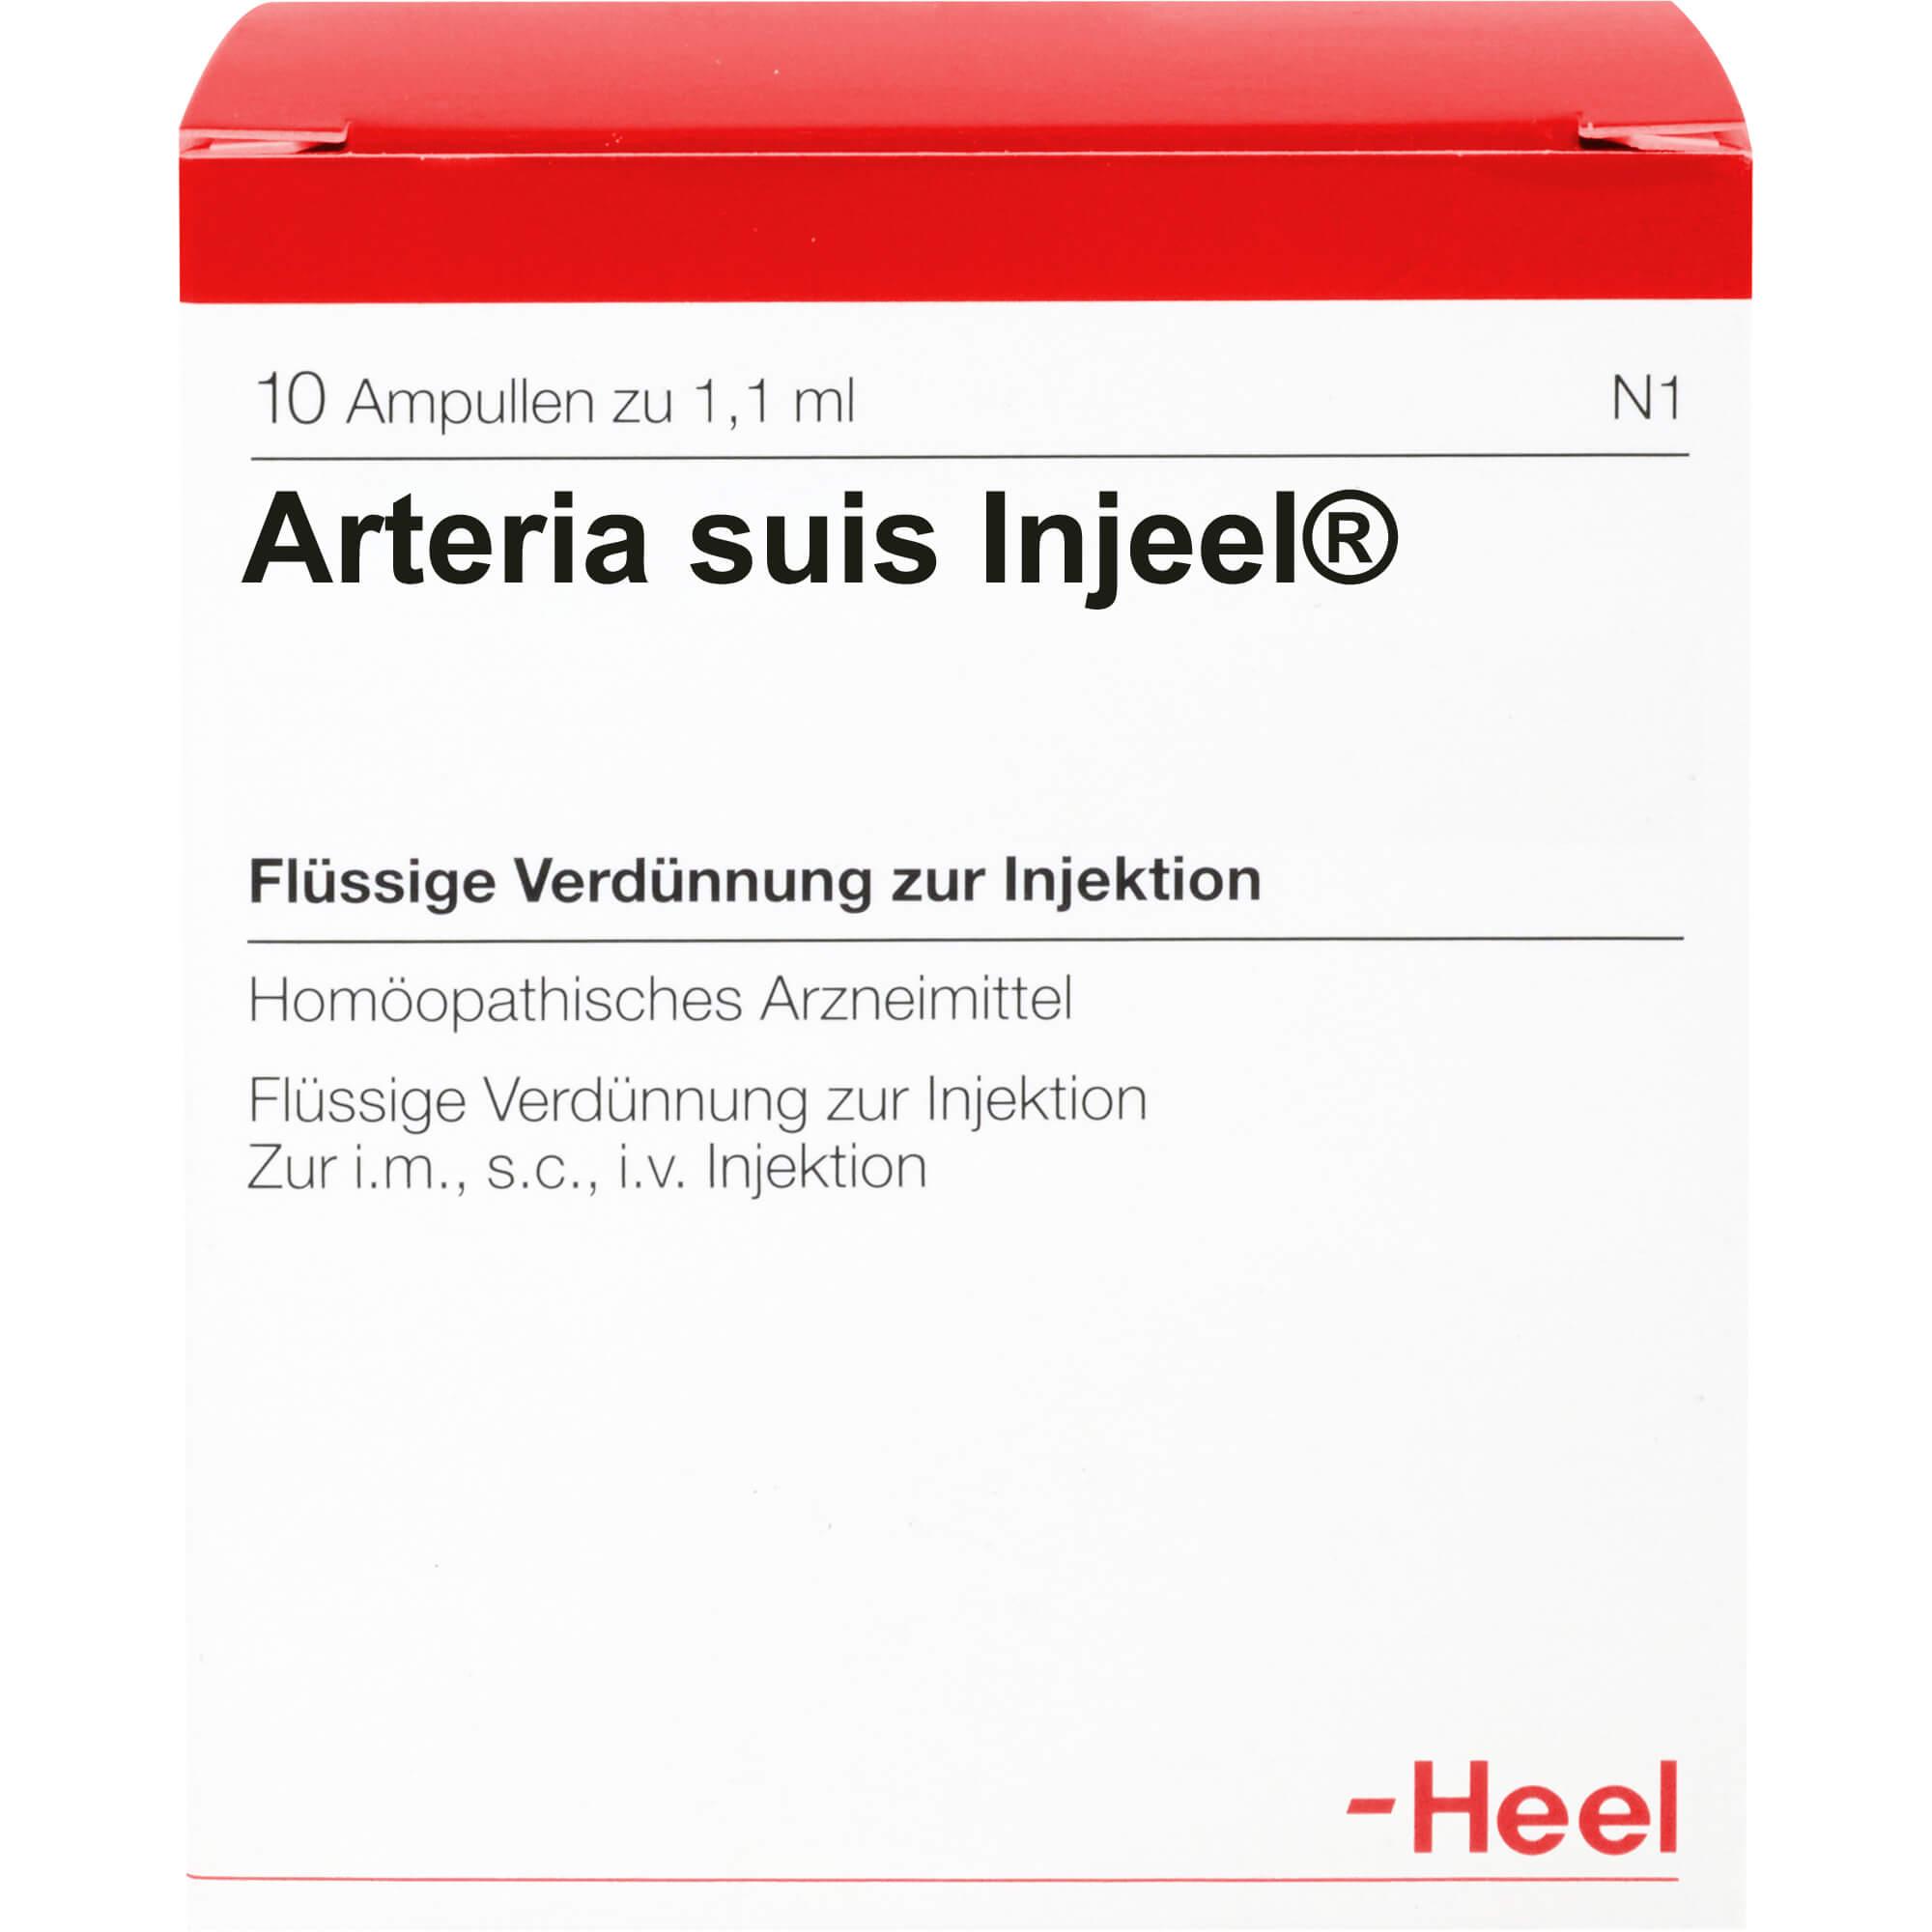 ARTERIA-SUIS-Injeel-Ampullen